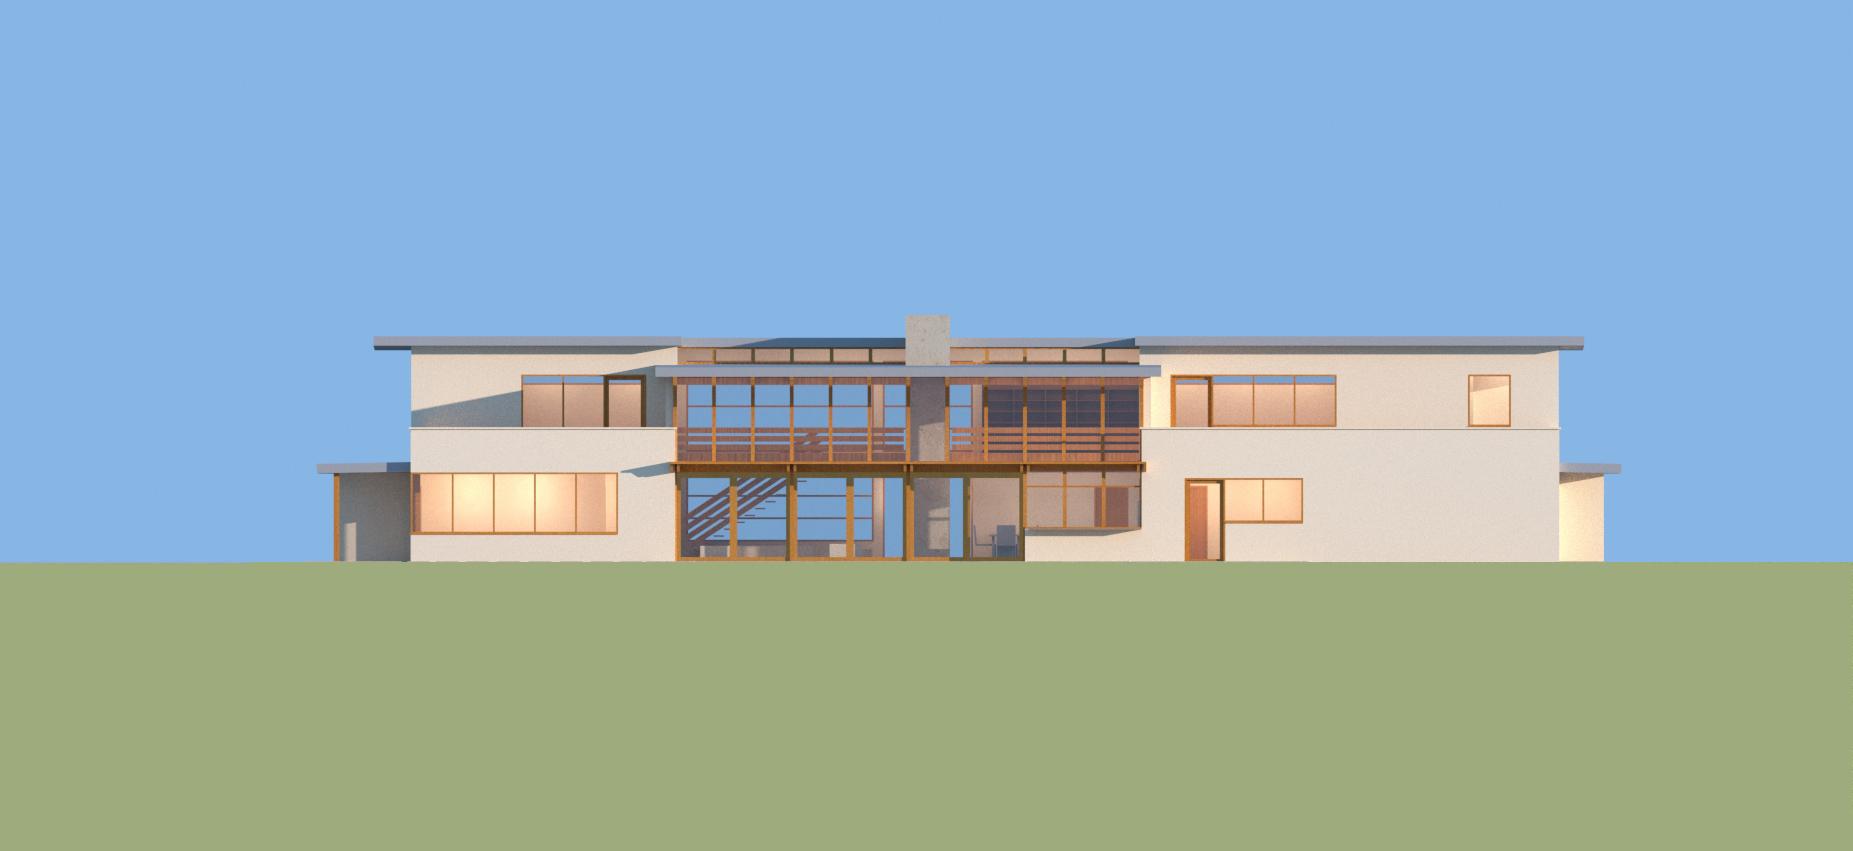 horizon line house parson architecture